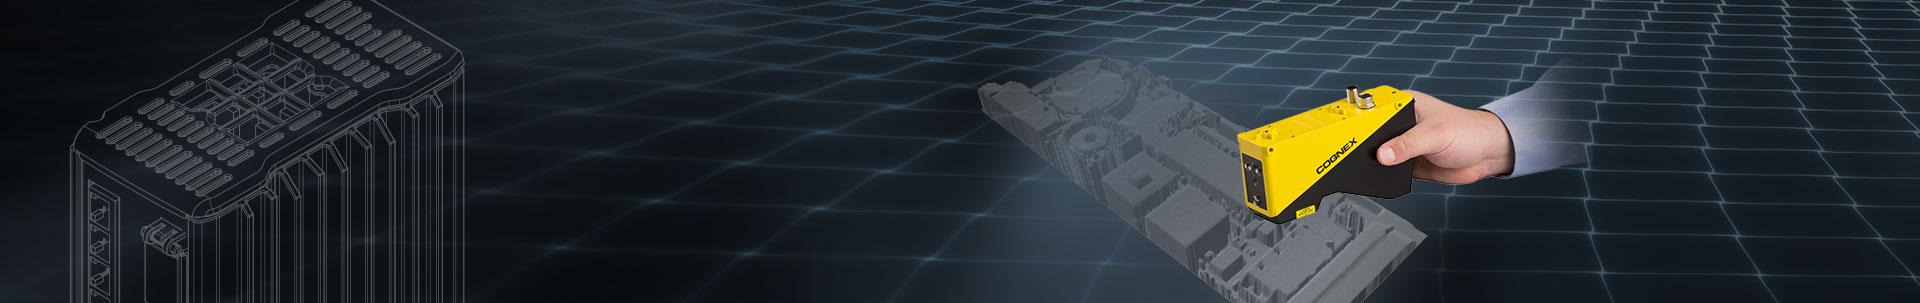 Cognex 3D vision banner